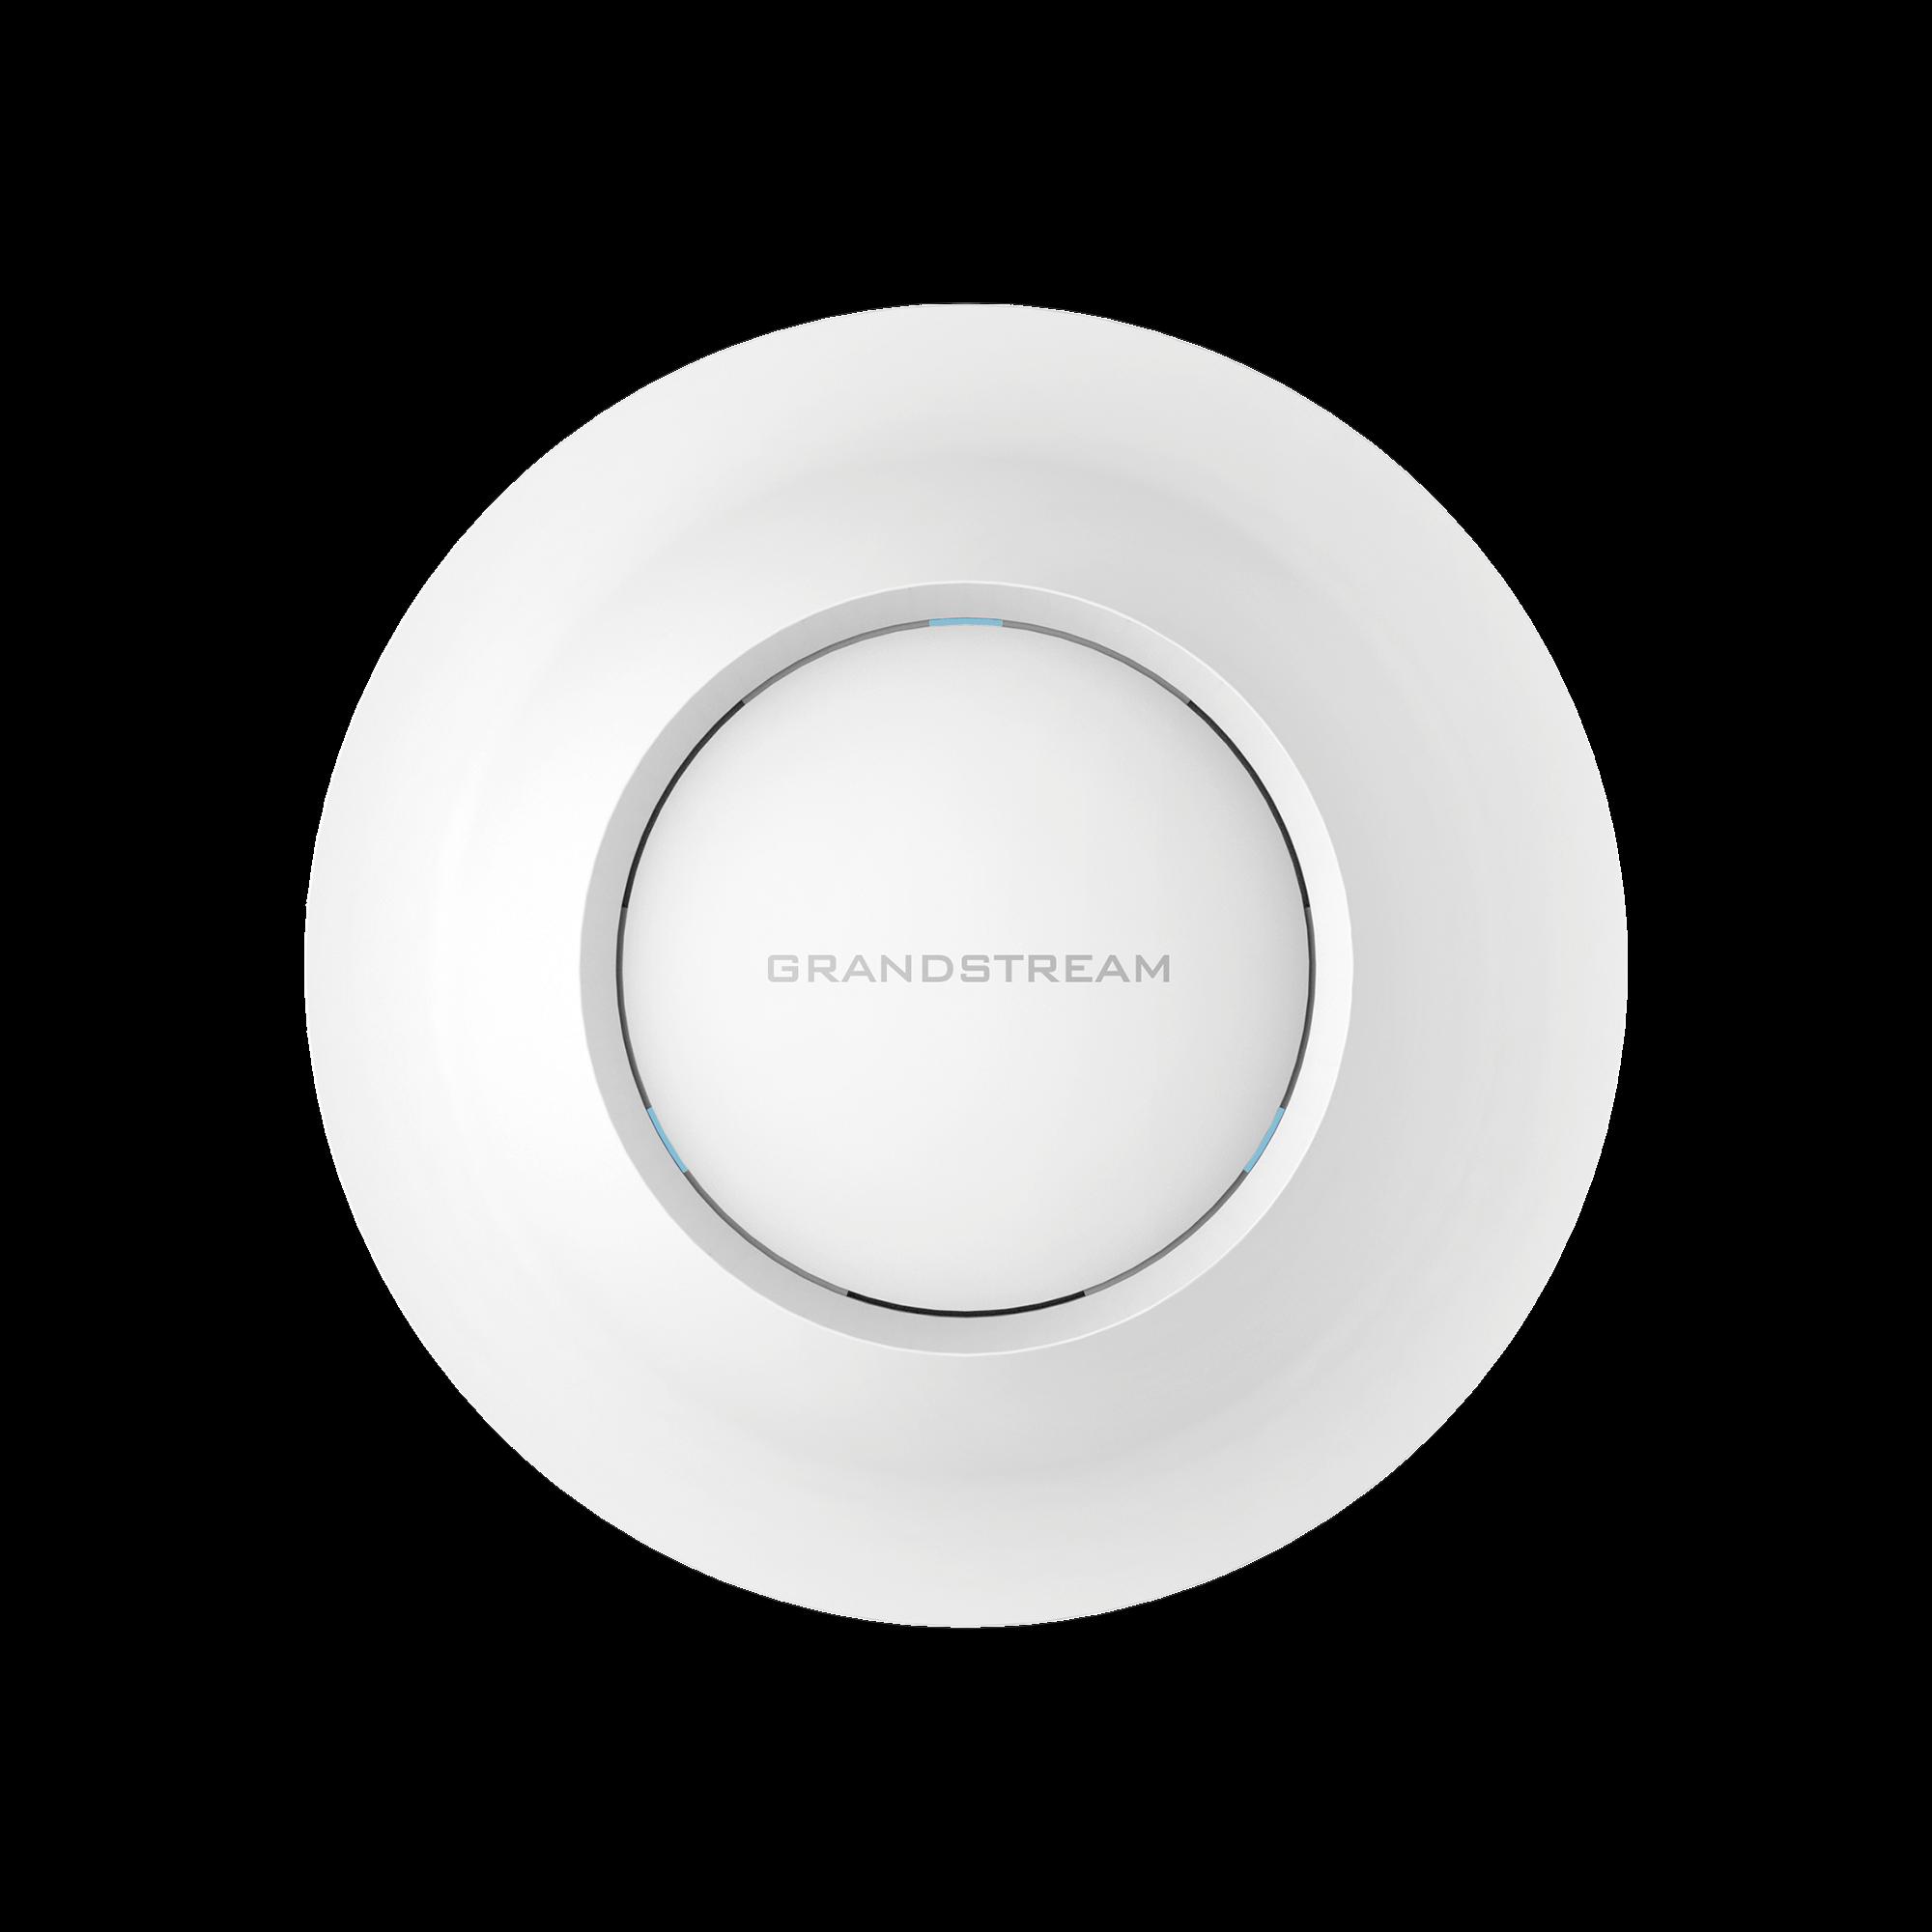 Punto de acceso Wi-Fi 802.11 ac 2.33 Gbps, Wave-2, MU-MIMO 4x4:4 con administración desde la nube gratuita o stand-alone, controlador integrado para hasta 50 APs.